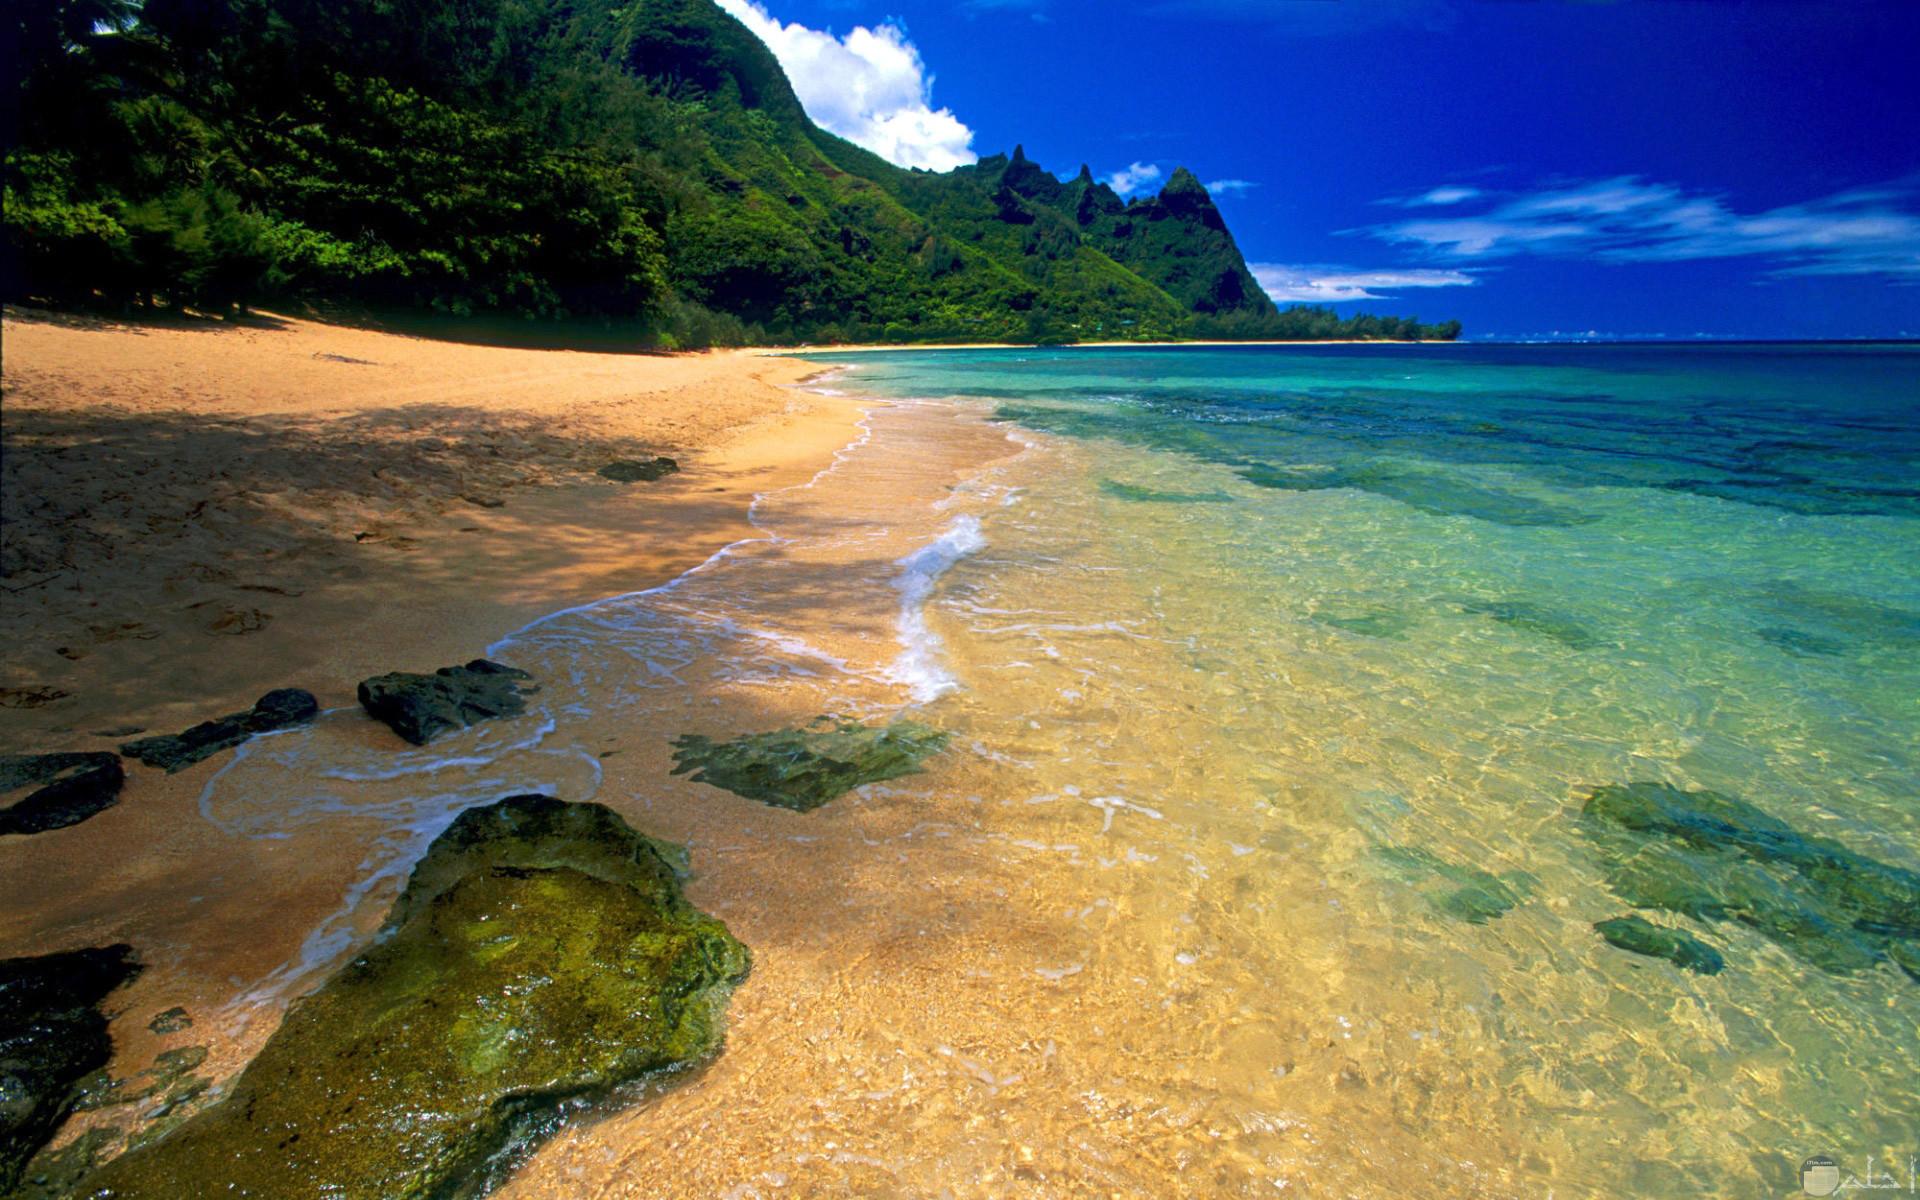 أجمل لقطة للبحر و الرمال و الصخور البحرية.